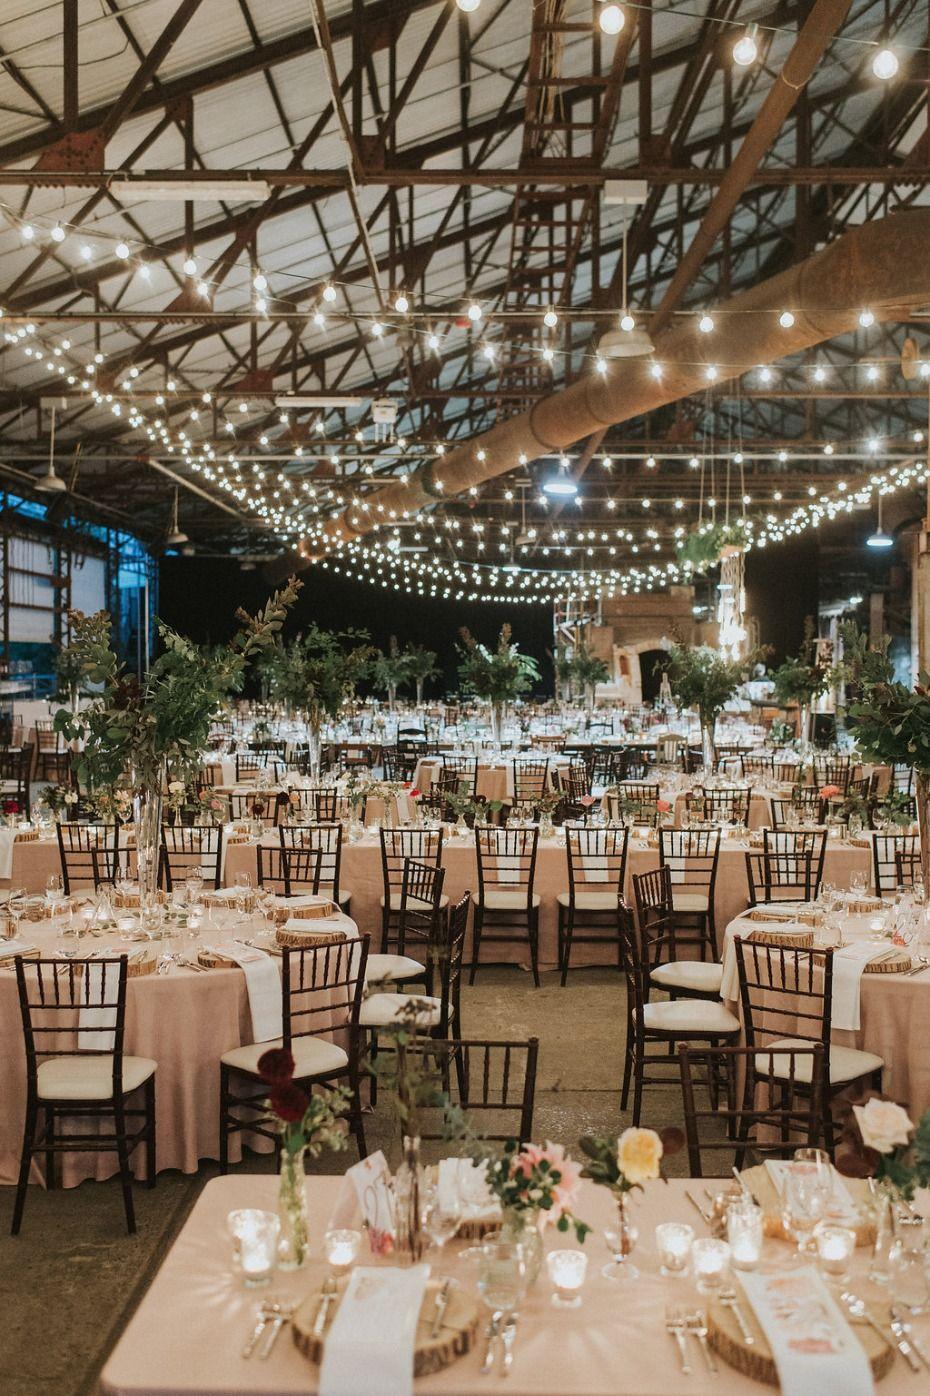 100 Person Wedding Venue